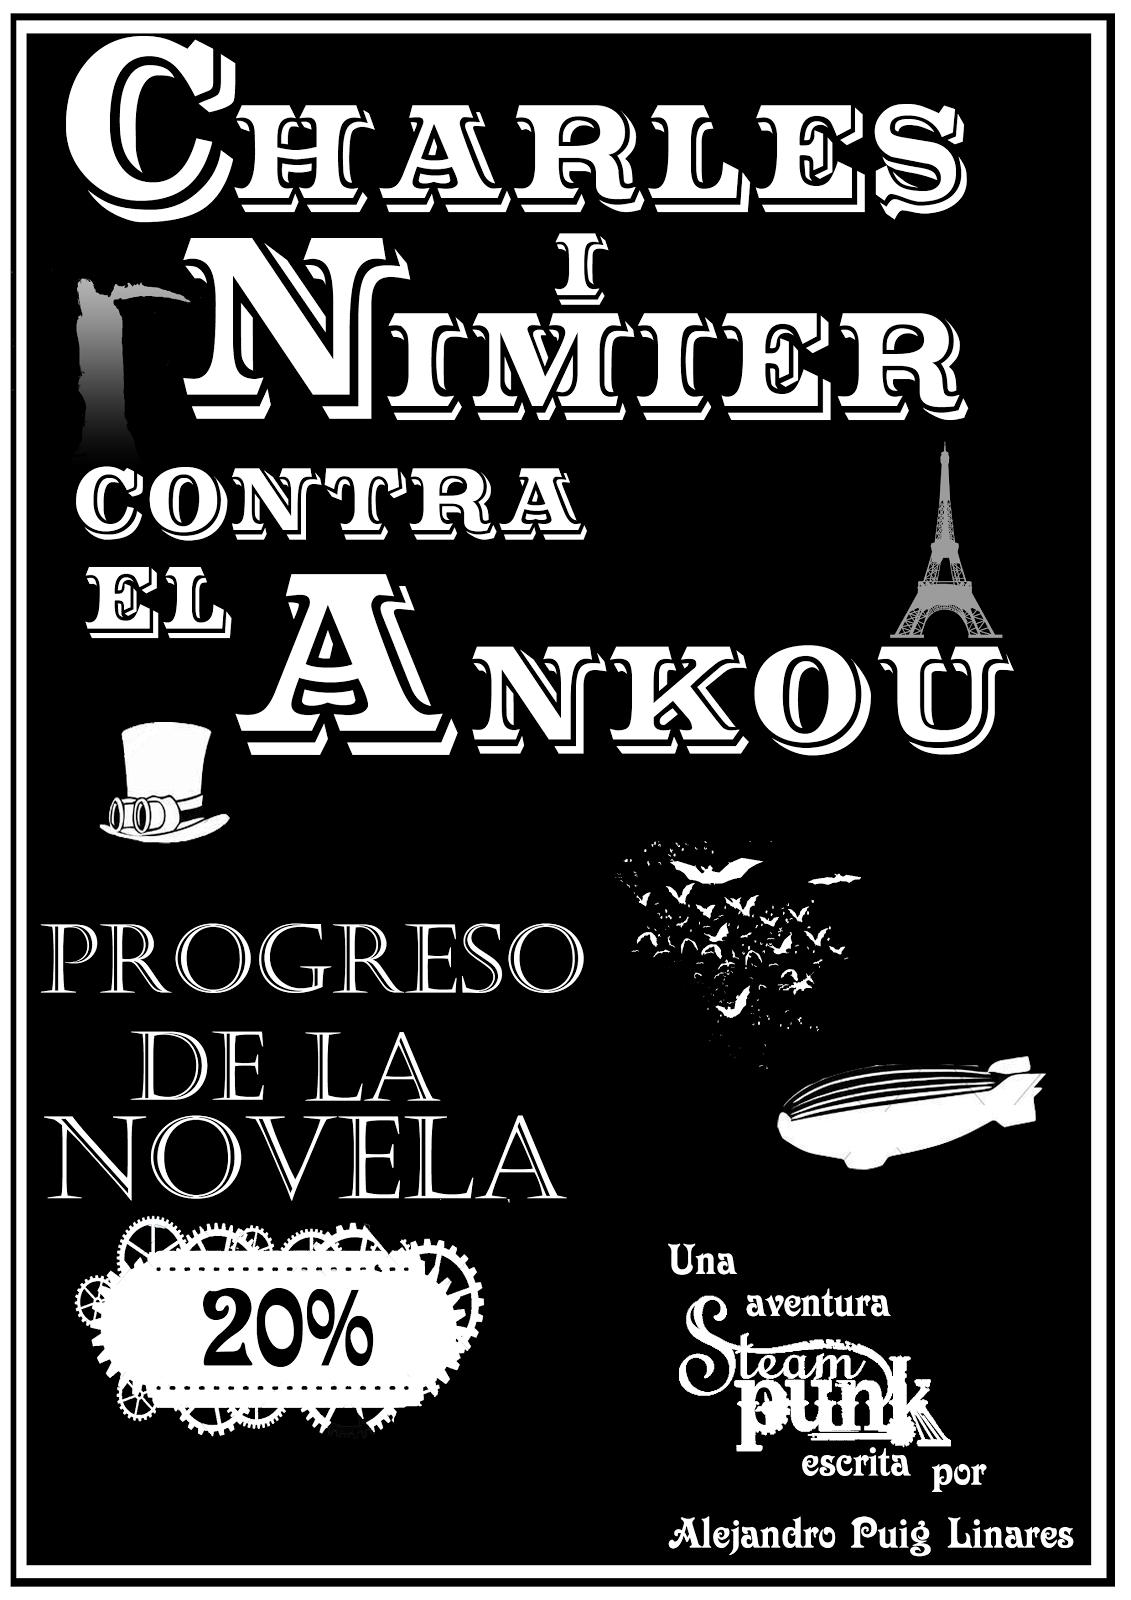 Evolución de la novela